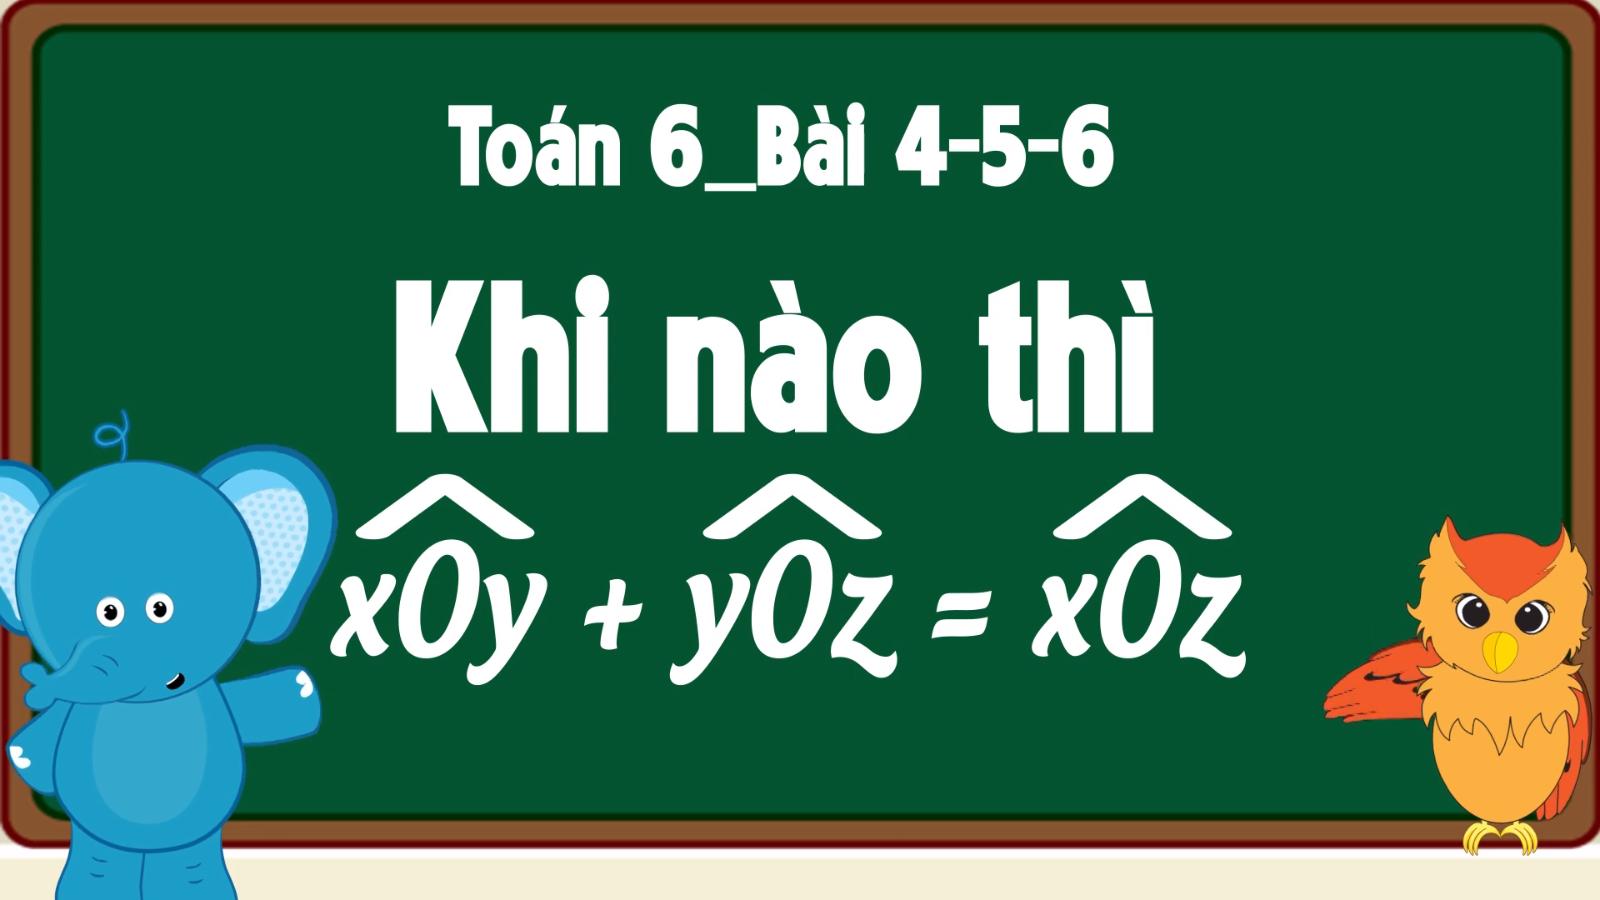 Toán 6 DT STUDY Khi nào thì góc xoy + góc yoz = góc xoz